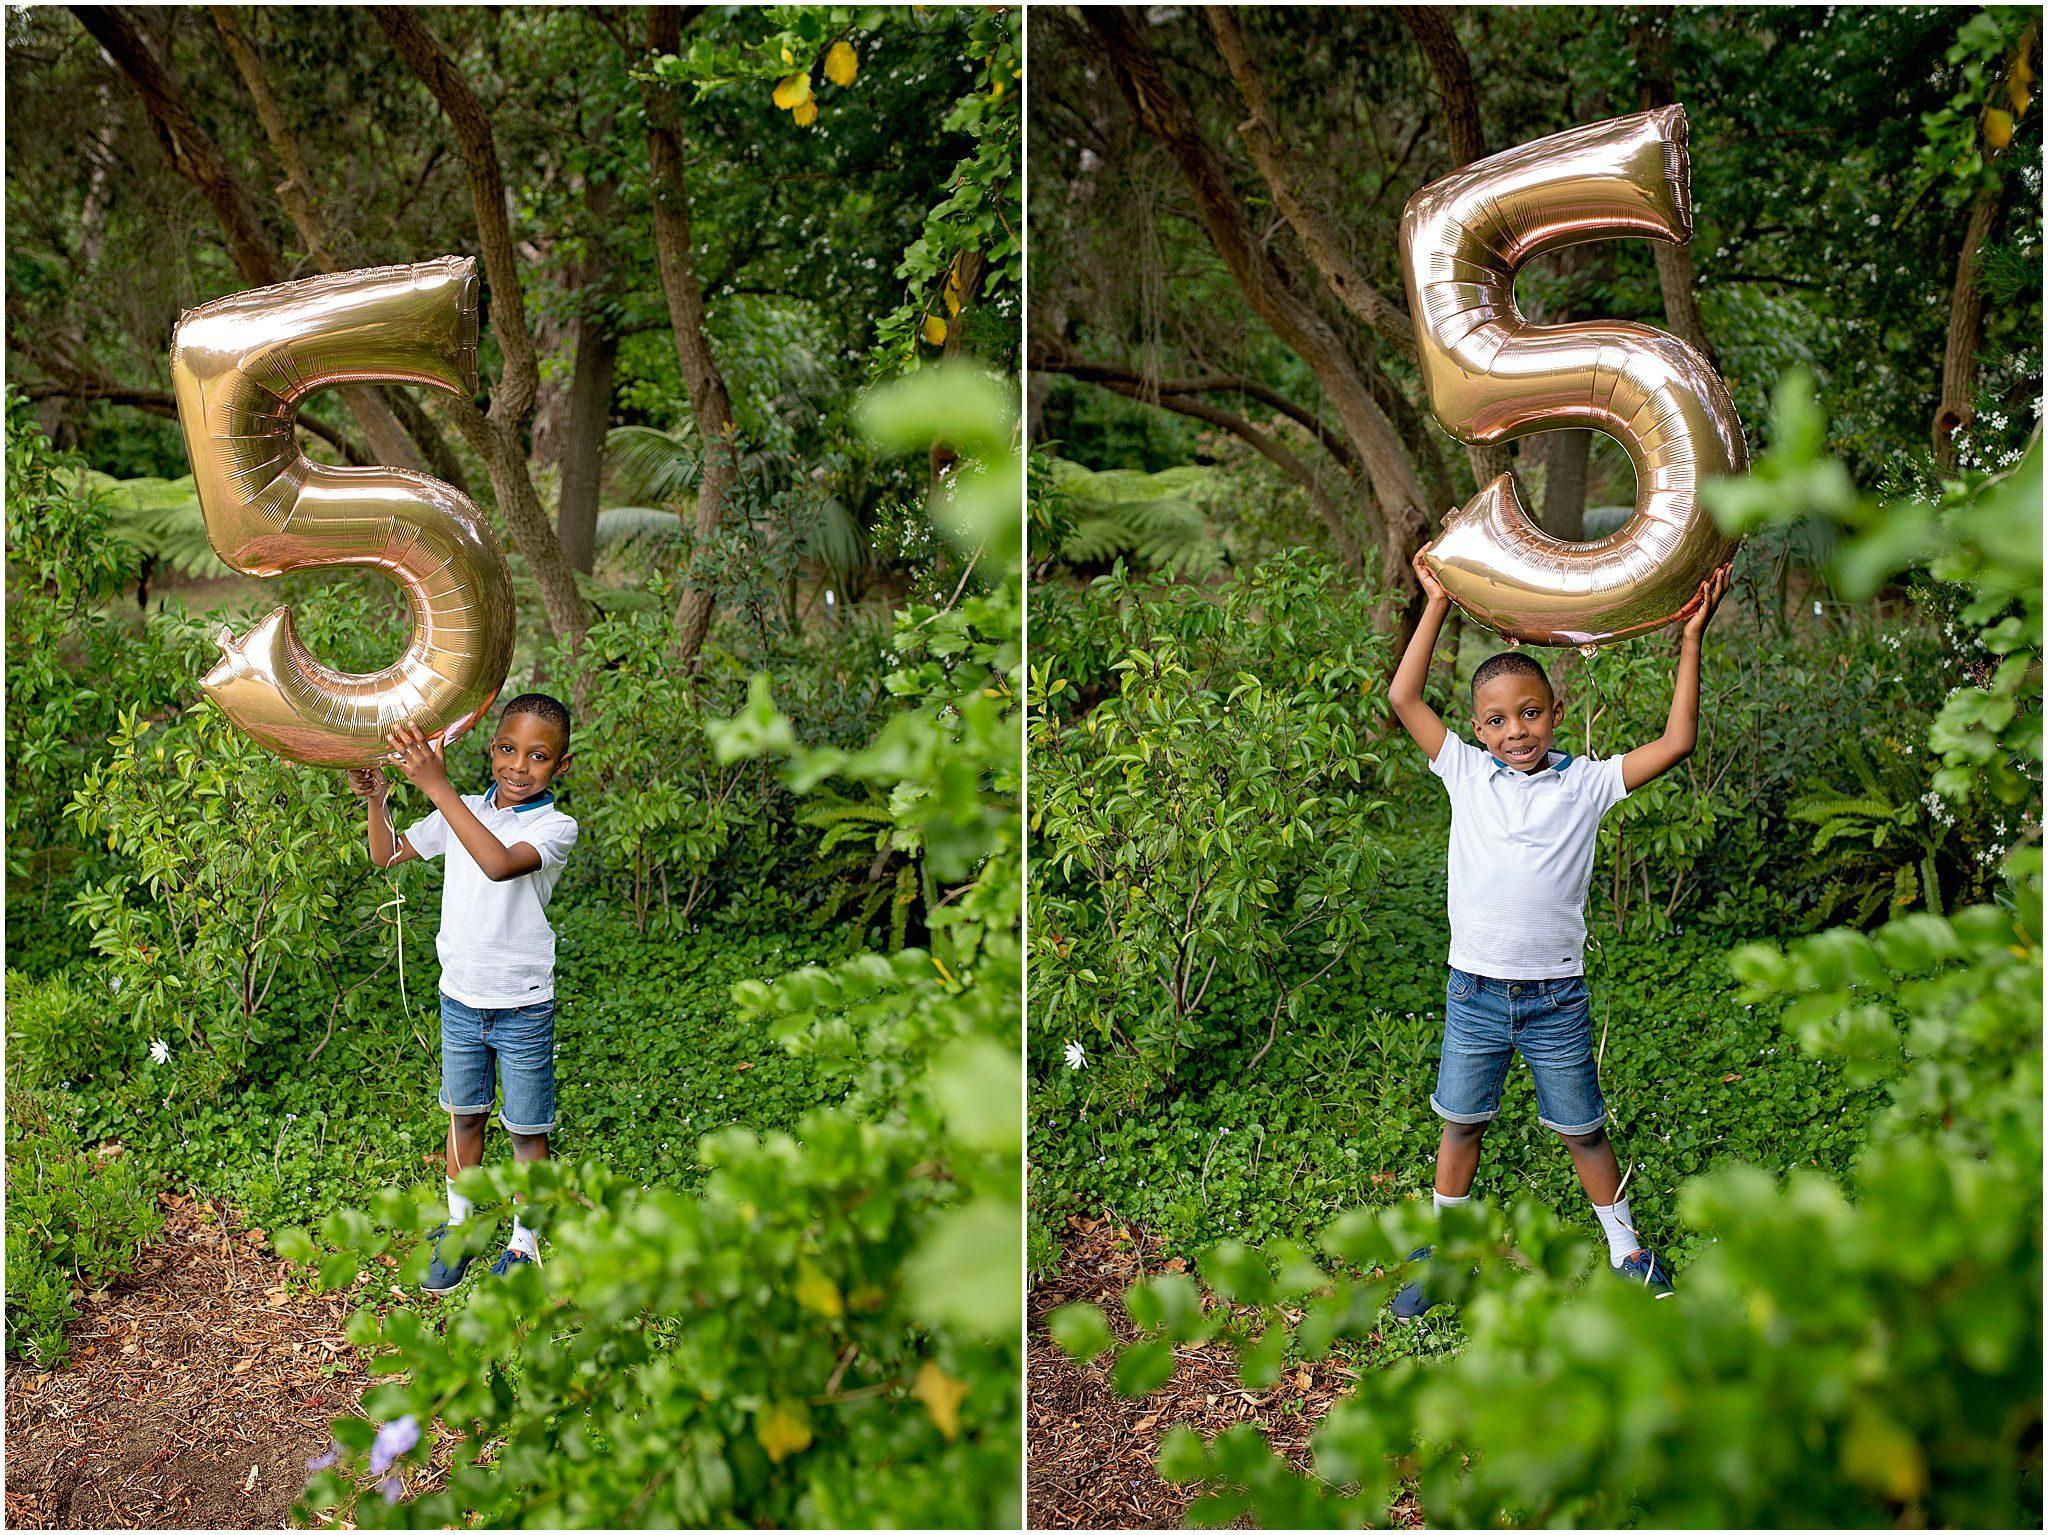 Fifth birthday photo shoot at South Perth.